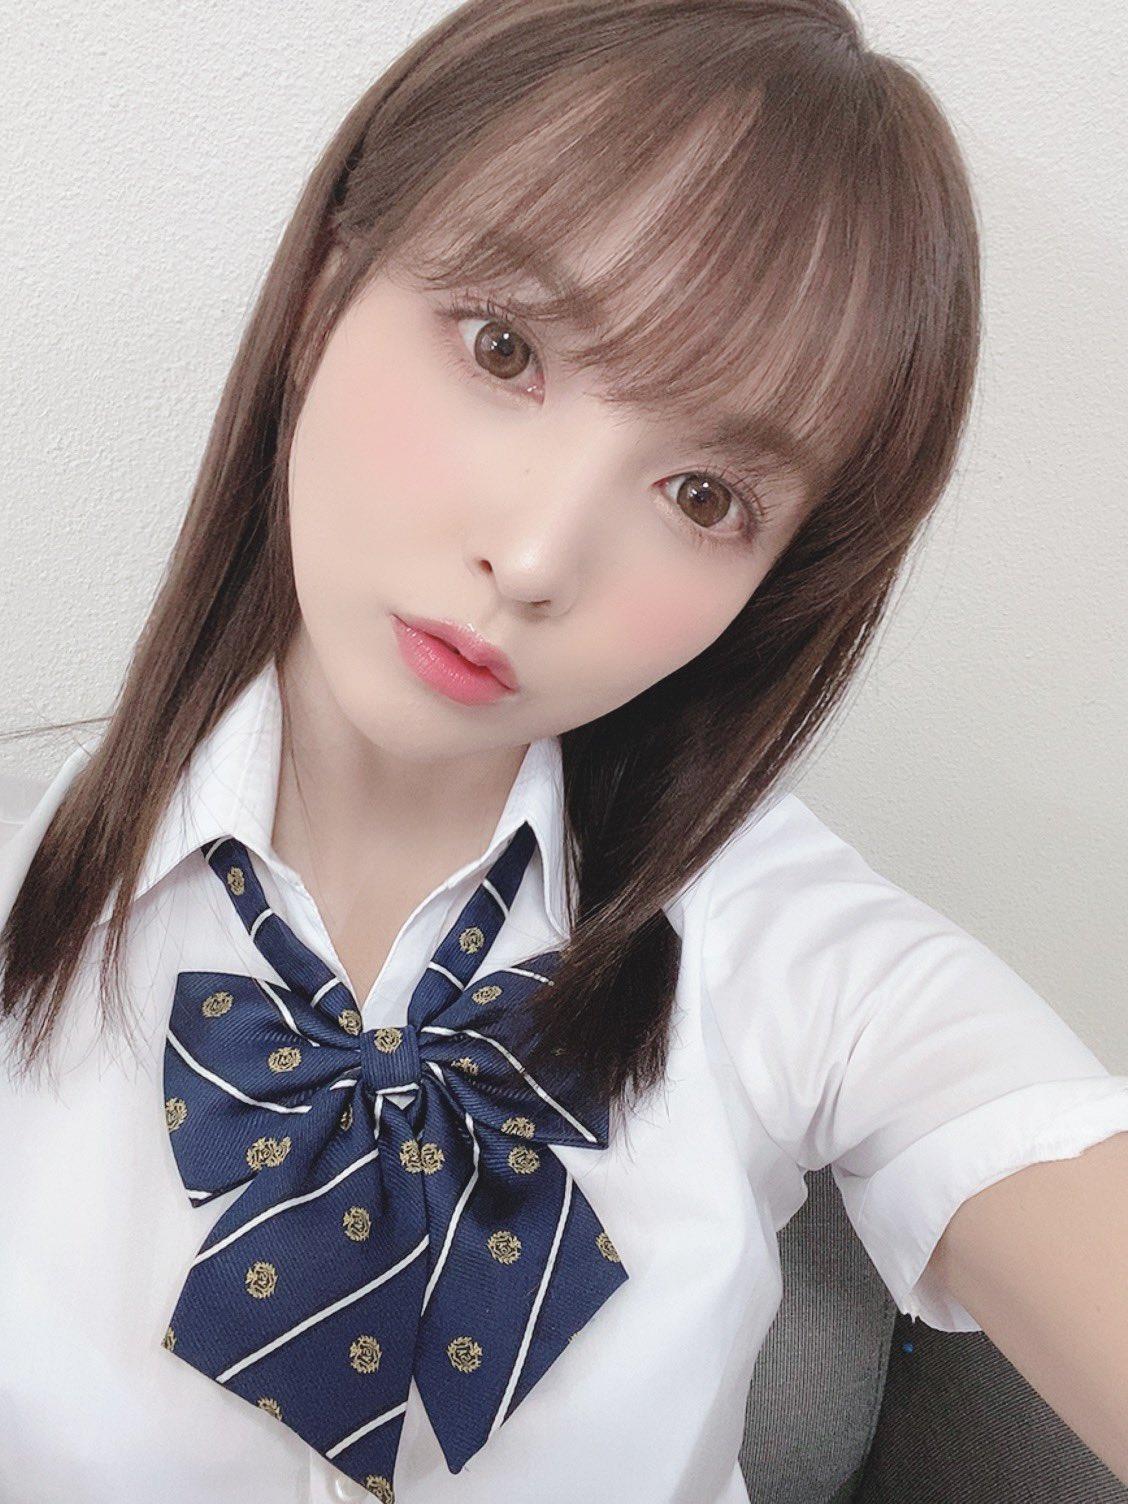 yua_mikami 1198407109718659072_p0